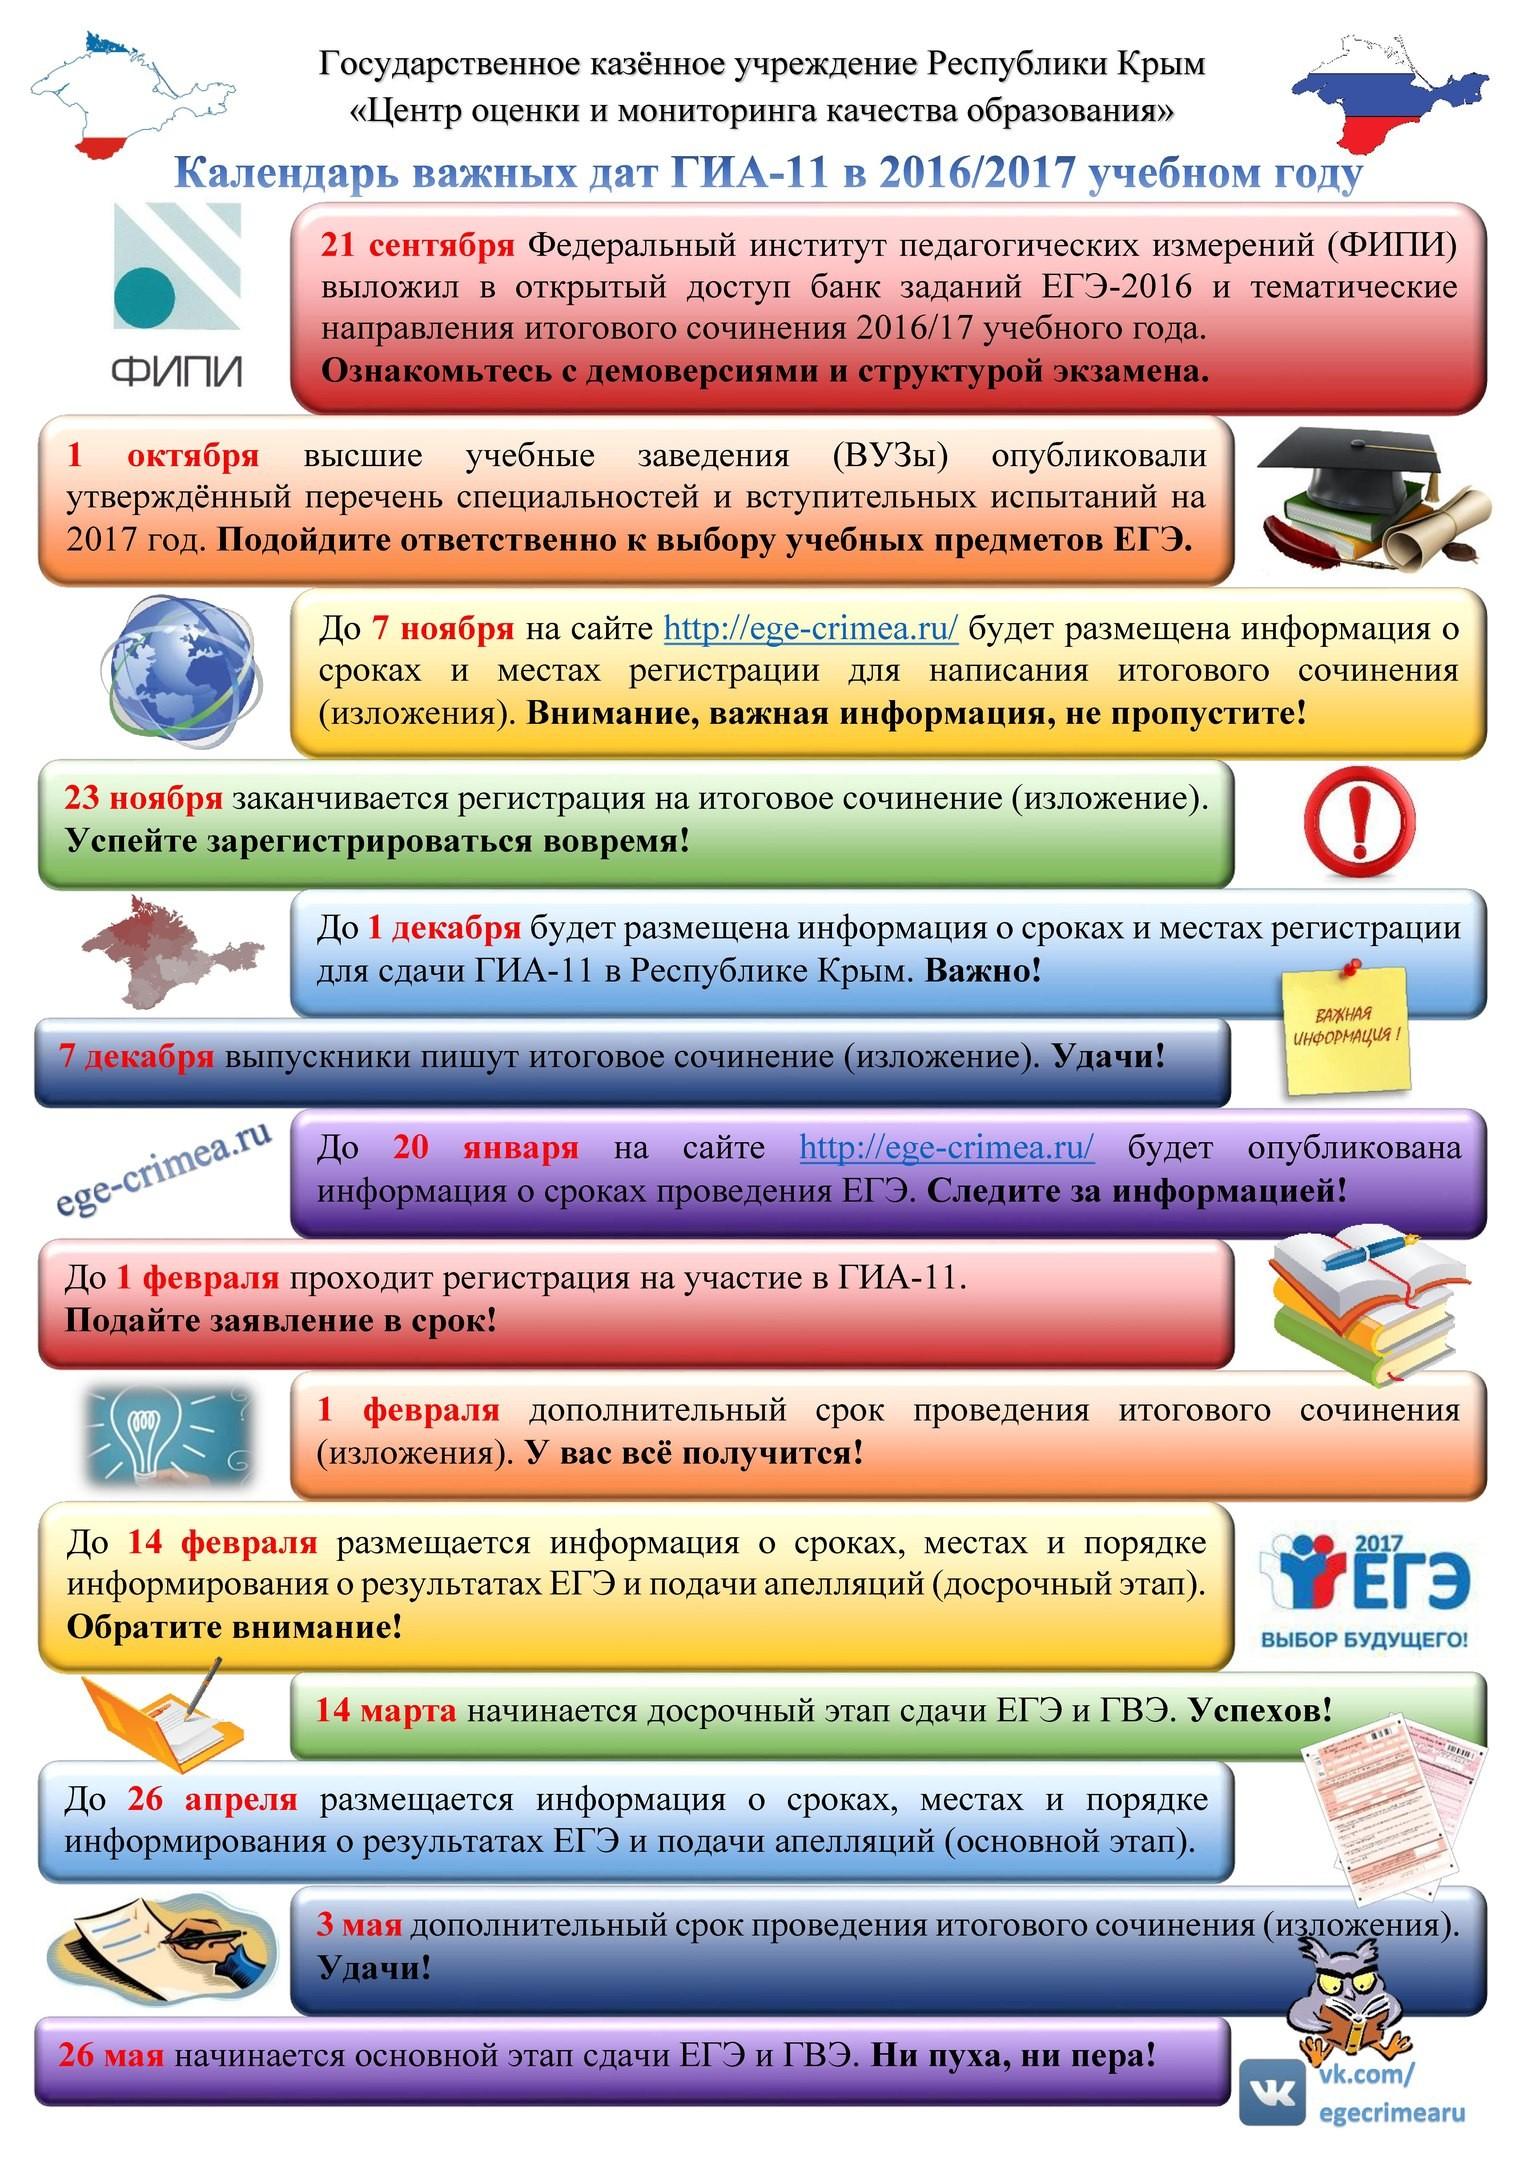 гиа бланки ответов по русскому языку за 2012 год